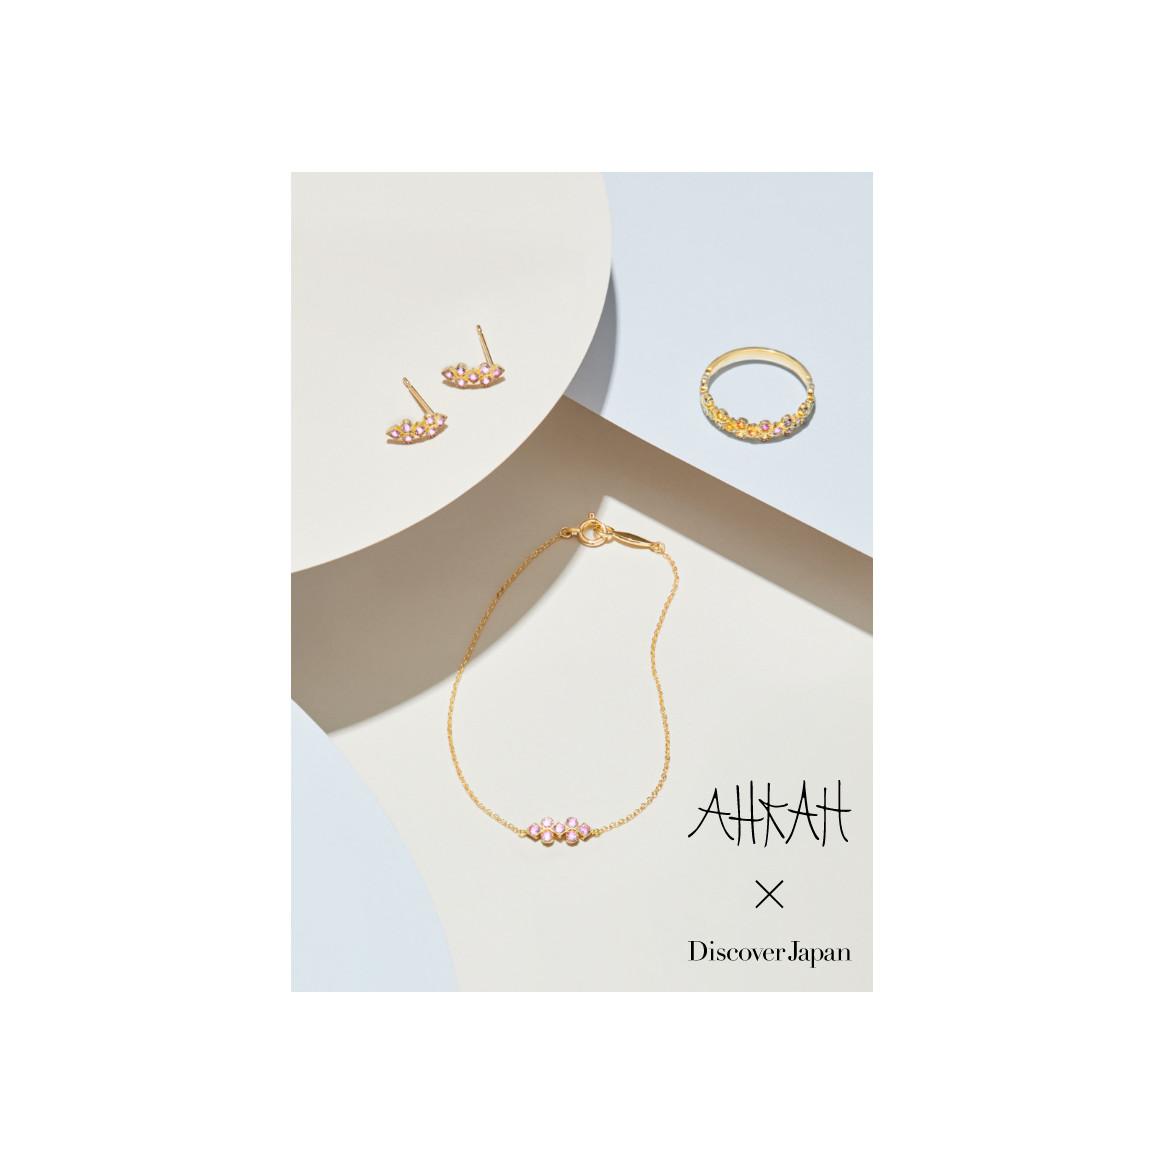 [AHKAH]一邊細致,一邊富麗。AHKAH的珠寶